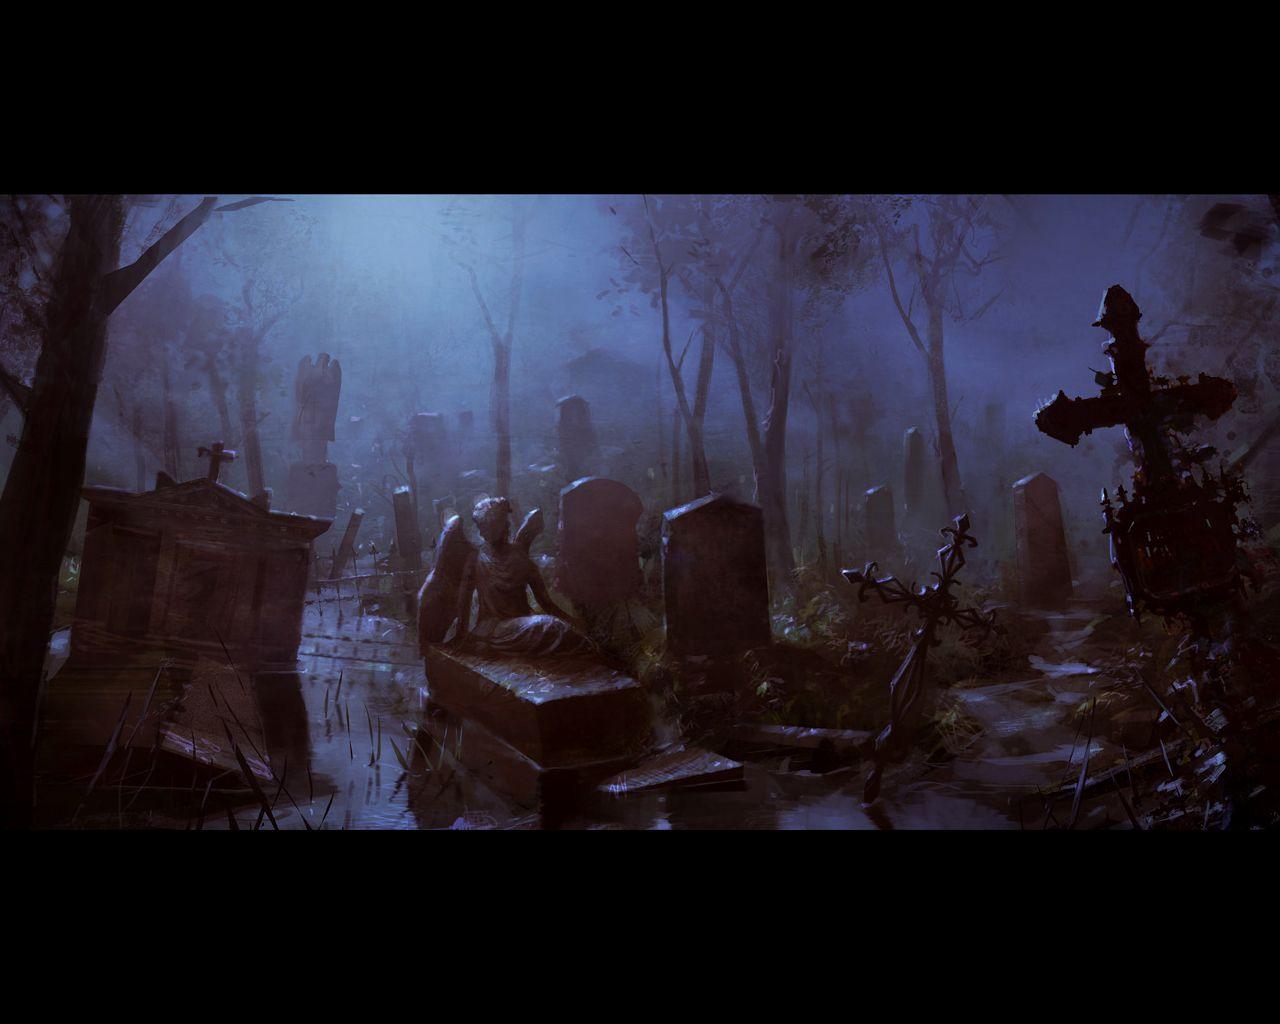 Gothic fantasy cemetery gothic fantasy wallpaper pinterest - Gothic hintergrundbilder ...